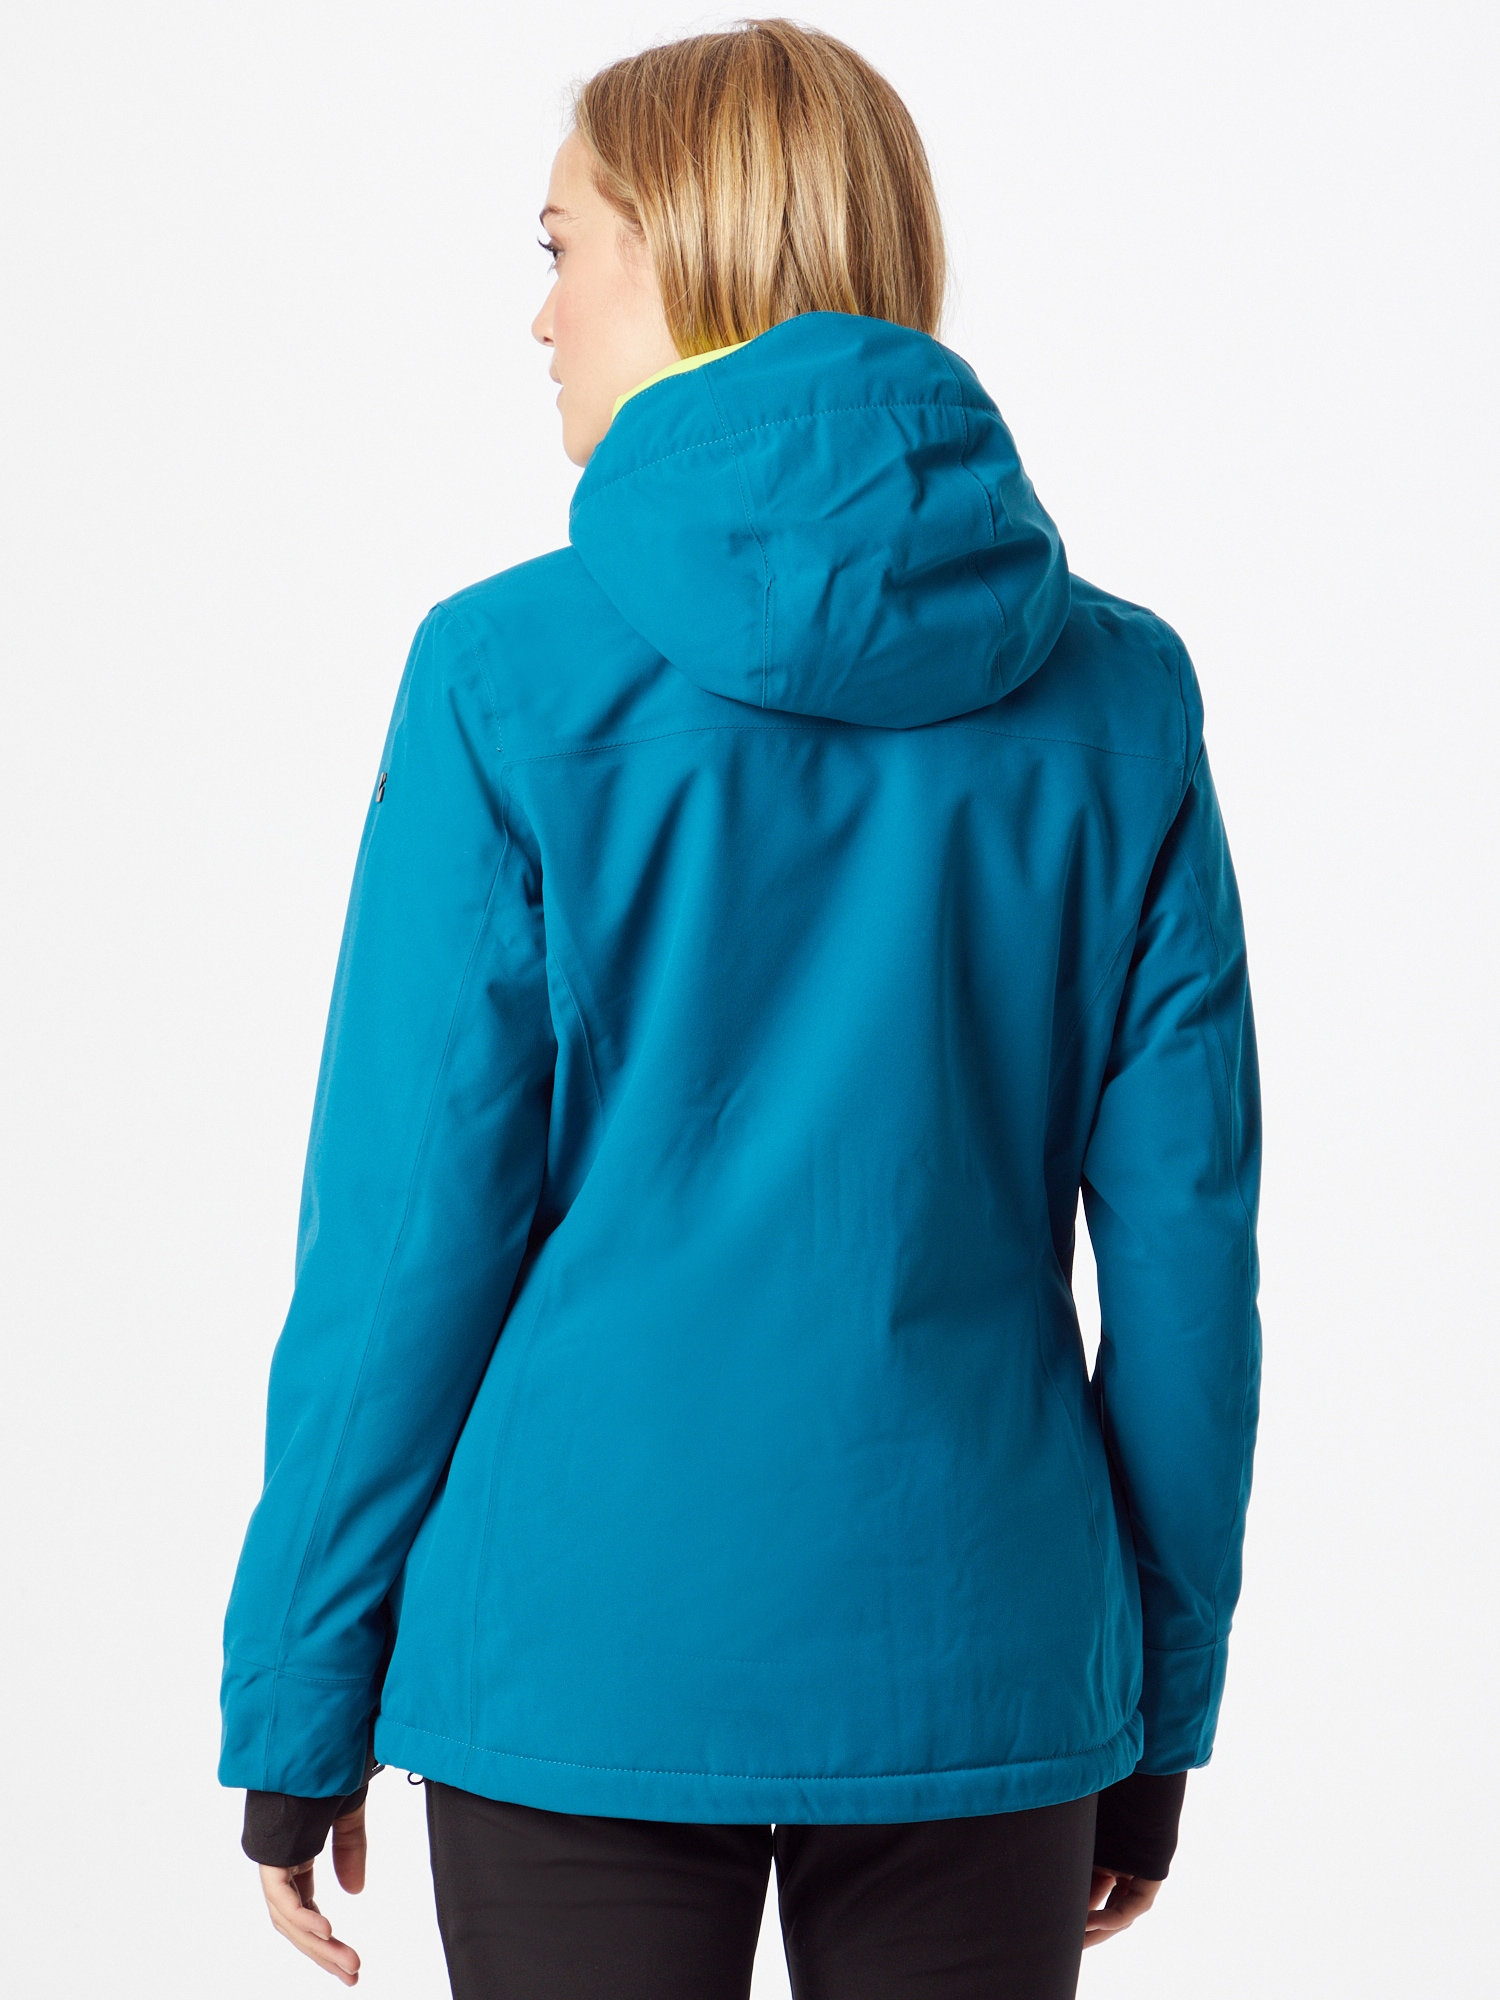 KILLTEC Outdoorová bunda  tyrkysová dámské S-M